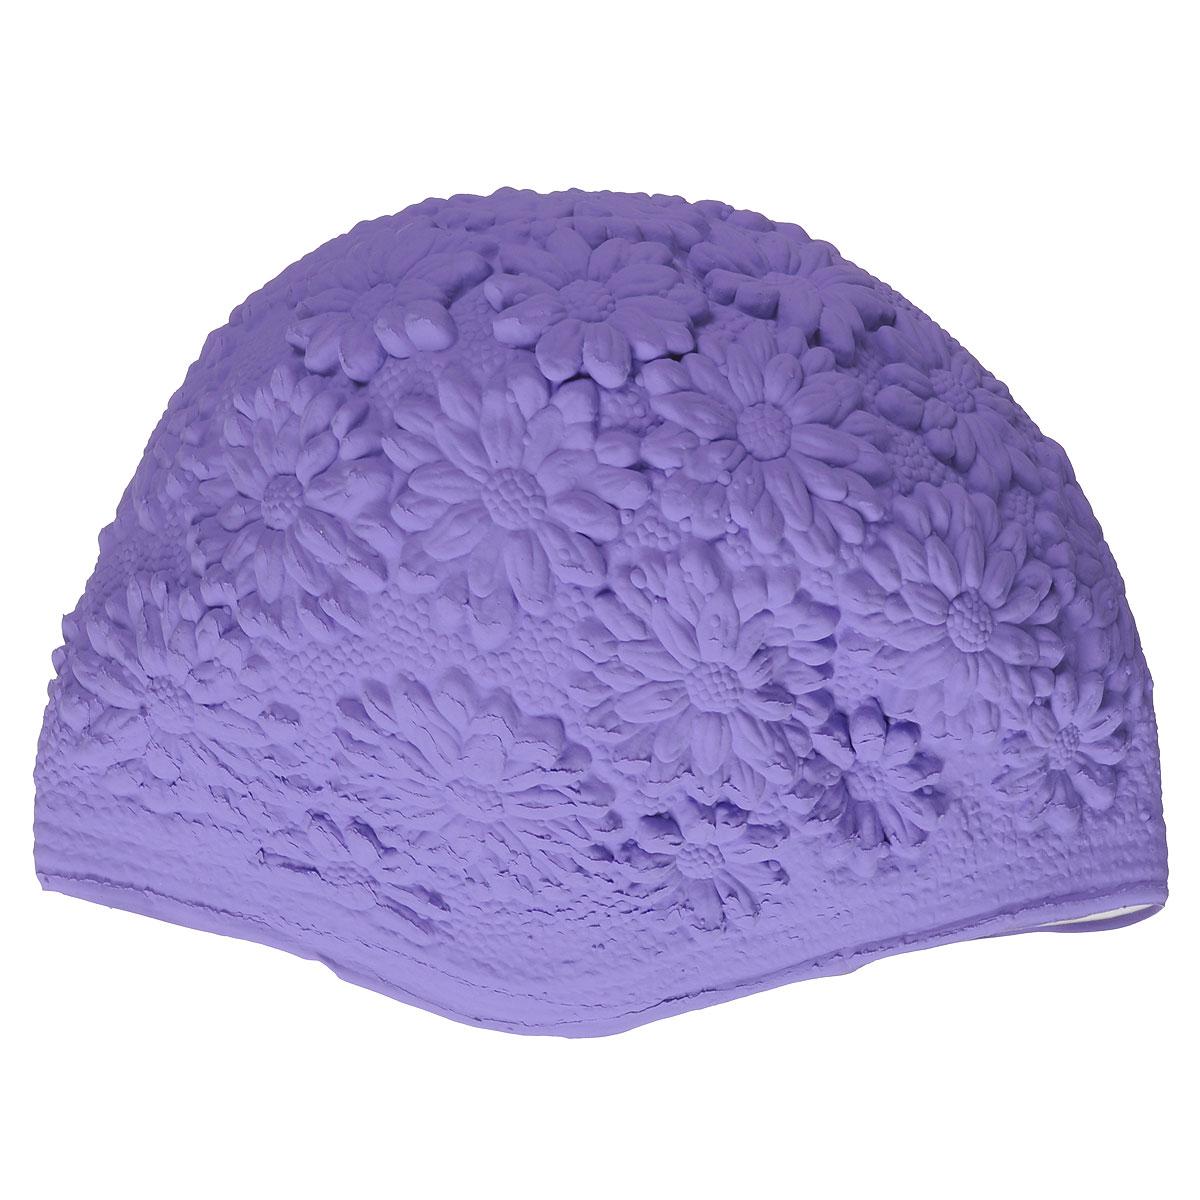 Шапочка для плавания MadWave Hawaii Chrysanthemum, женская, цвет: пурпурный00020226Латексная шапочка для плавания MadWave Hawaii Chrysanthemum декорирована цветочным рельефом. Имеет превосходную эластичность и высокий уровень комфорта. Высококачественный материал обеспечивает долгий срок службы. Пузырьковая поверхность уменьшает площадь соприкосновения с волосами.Обхват головы: 53 см.